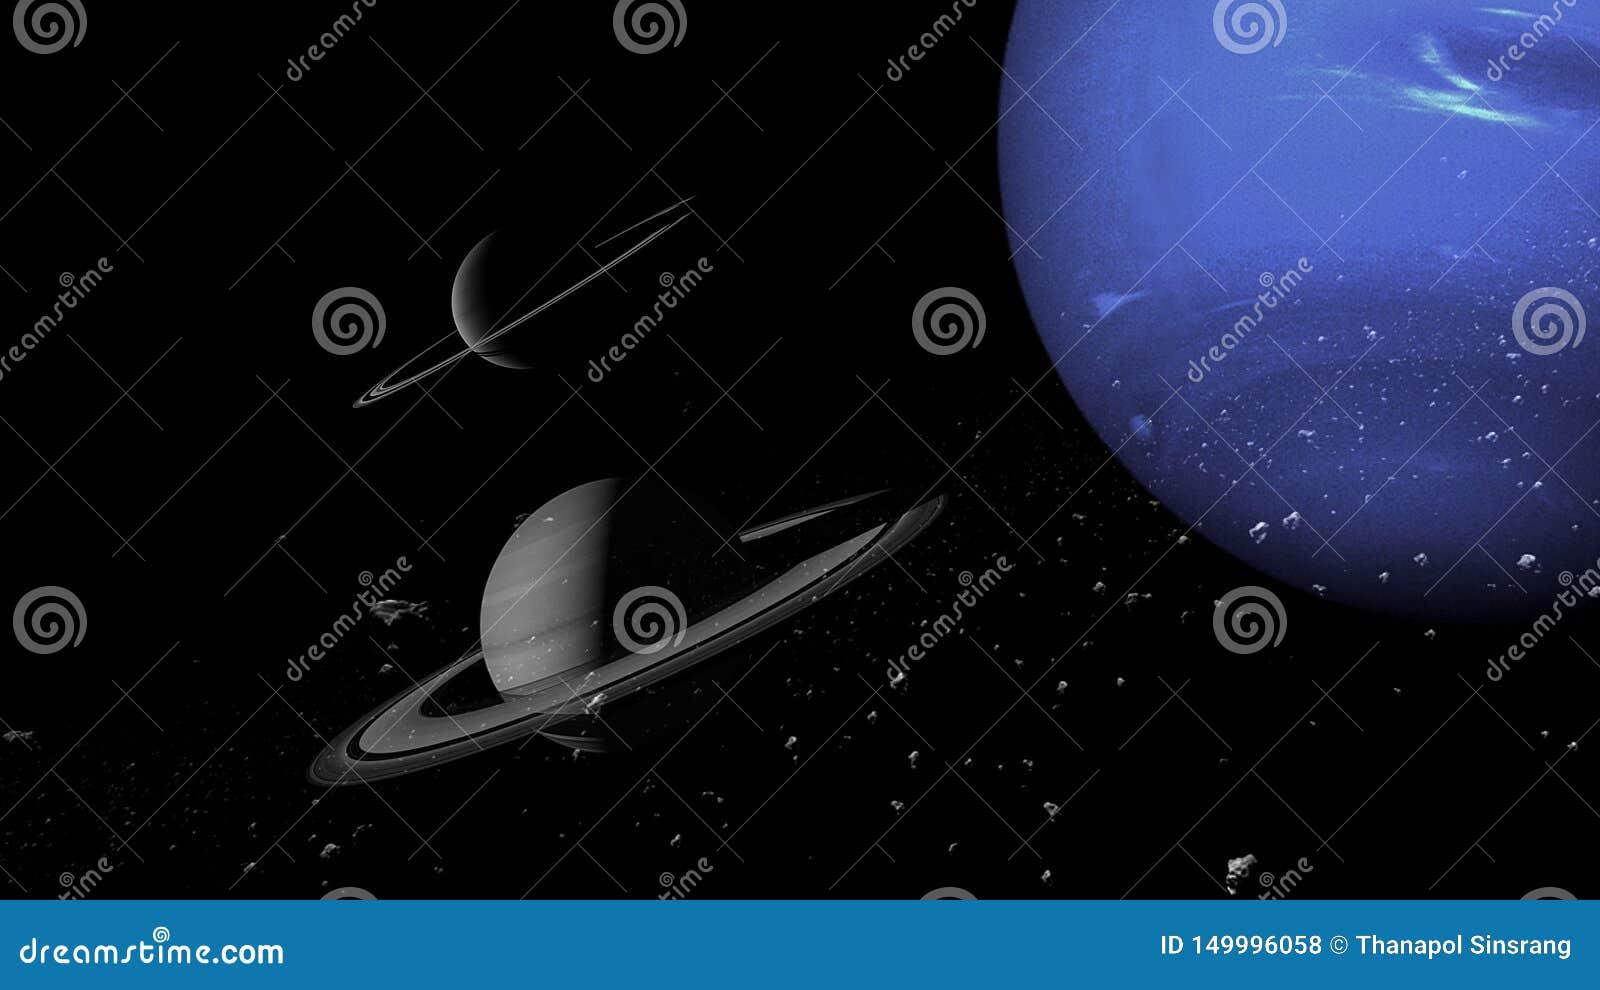 Πλανήτες και γαλαξίας, ταπετσαρία επιστημονικής φαντασίας r Δισεκατομμύρια του γαλαξία στο κοσμικό υπόβαθρο τέχνης κόσμου, Ver